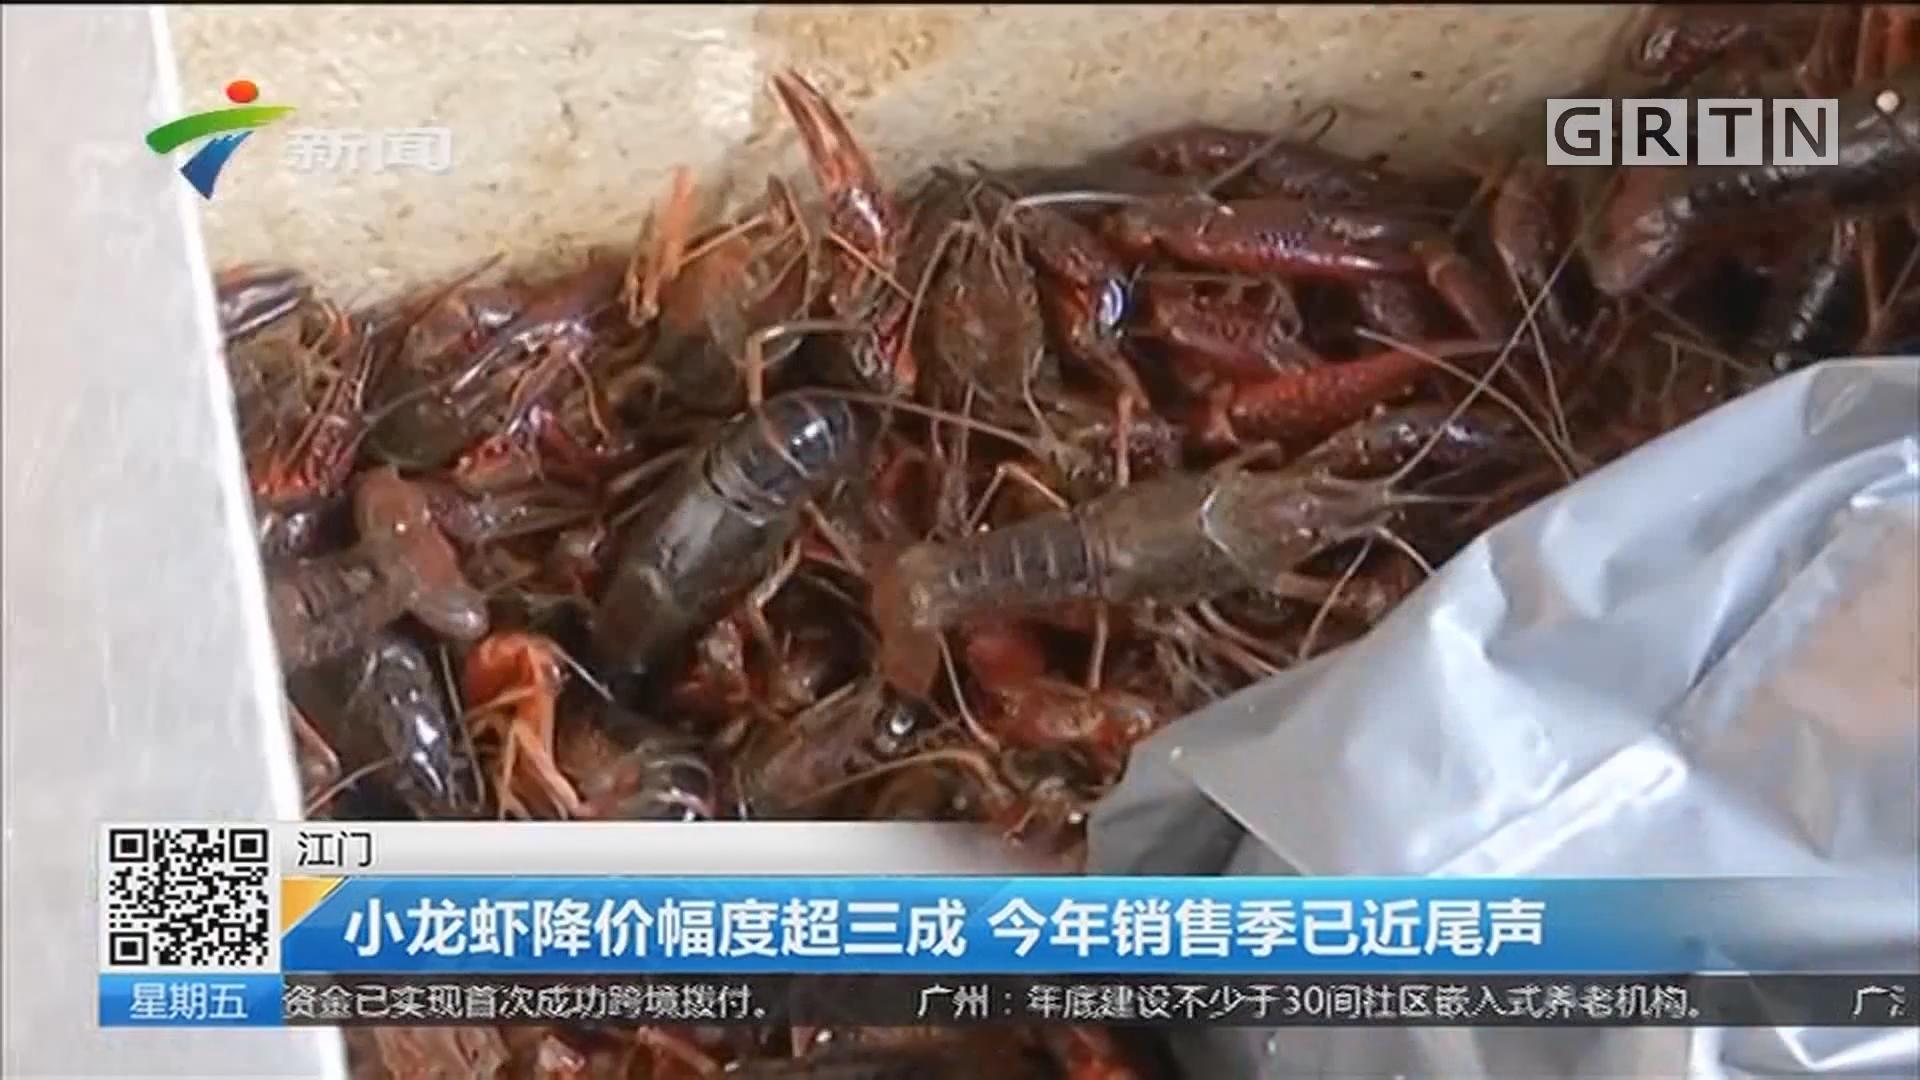 江门:小龙虾降价幅度超三成 今年销售季已近尾声